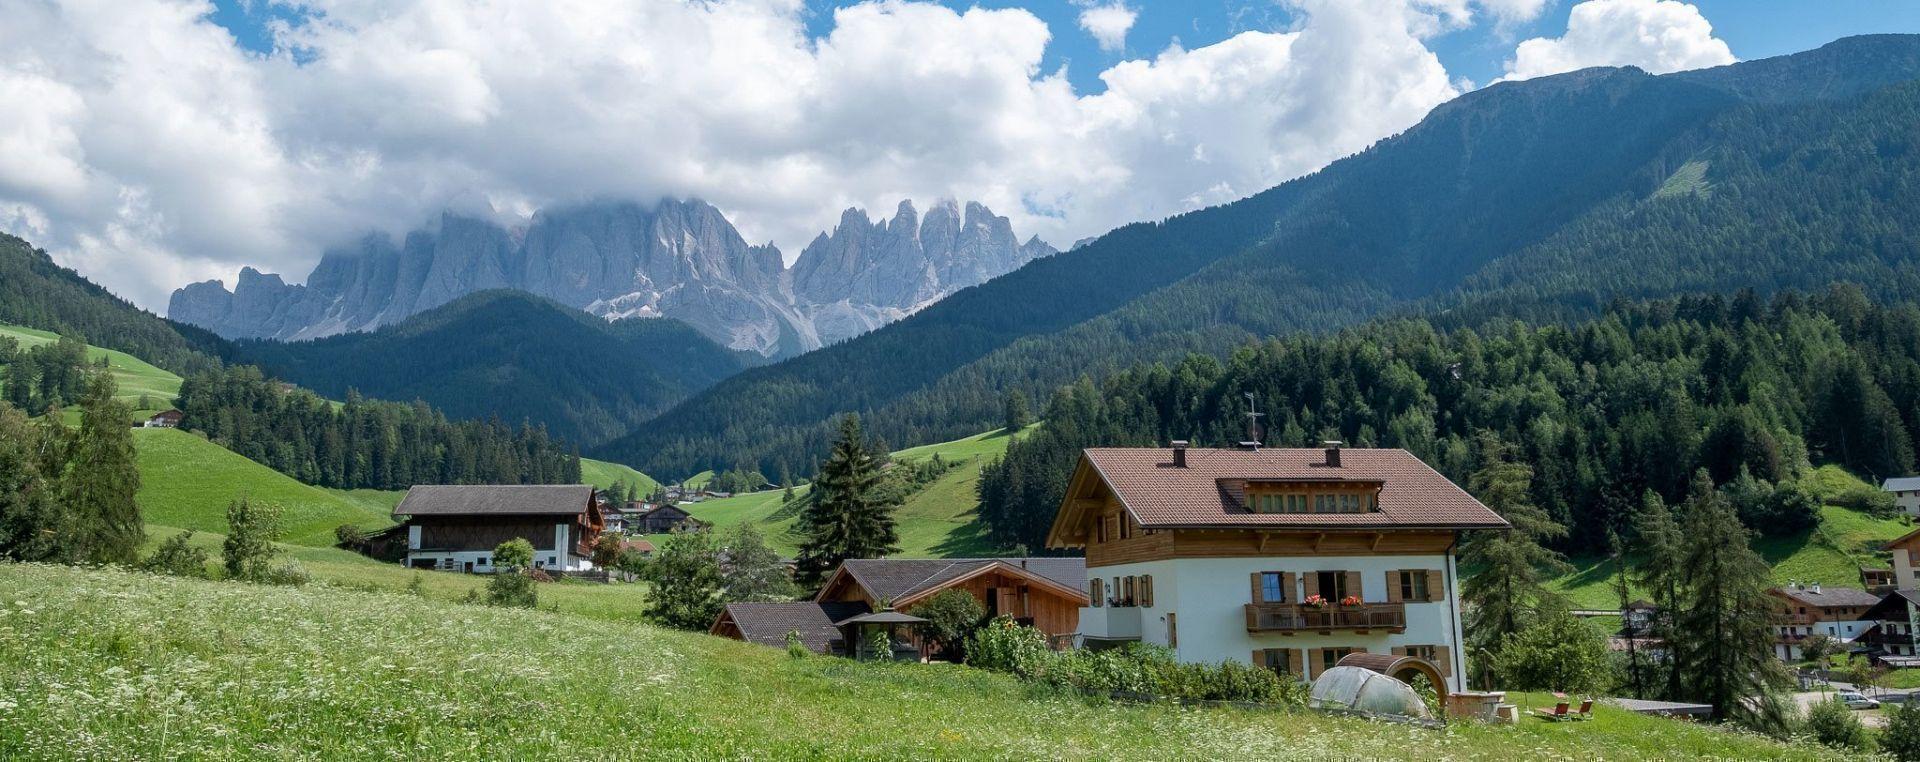 Urlaub auf dem Bauernhof in Villnöss/Südtirol